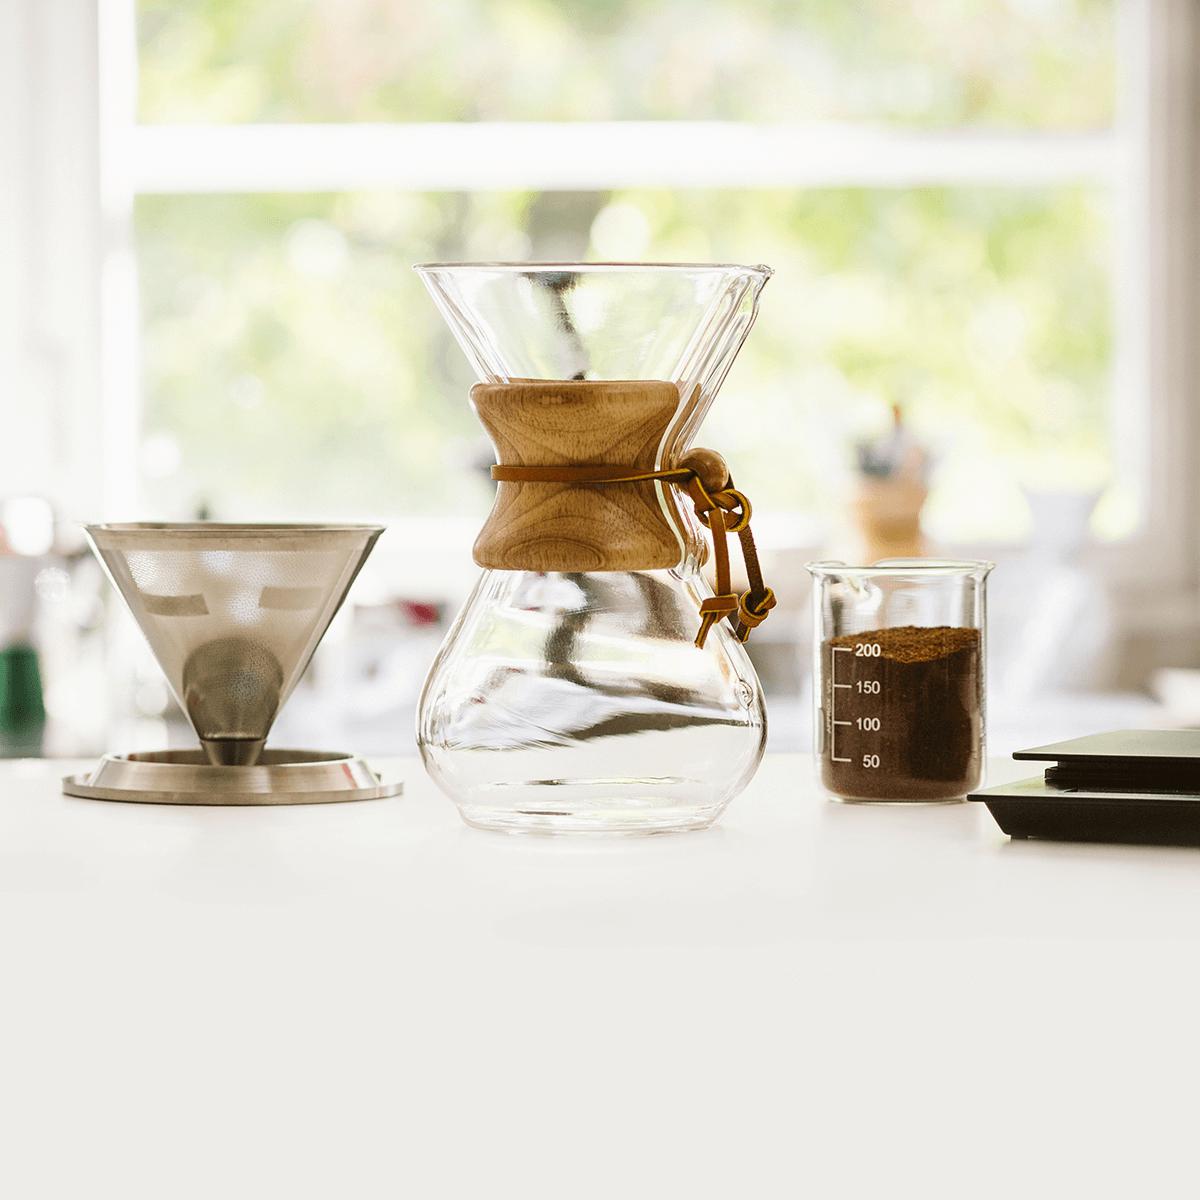 CHEMEX incollato FILTRI QUADRATI naturale 100 pezzi speciali PERFECT tazze da caffè